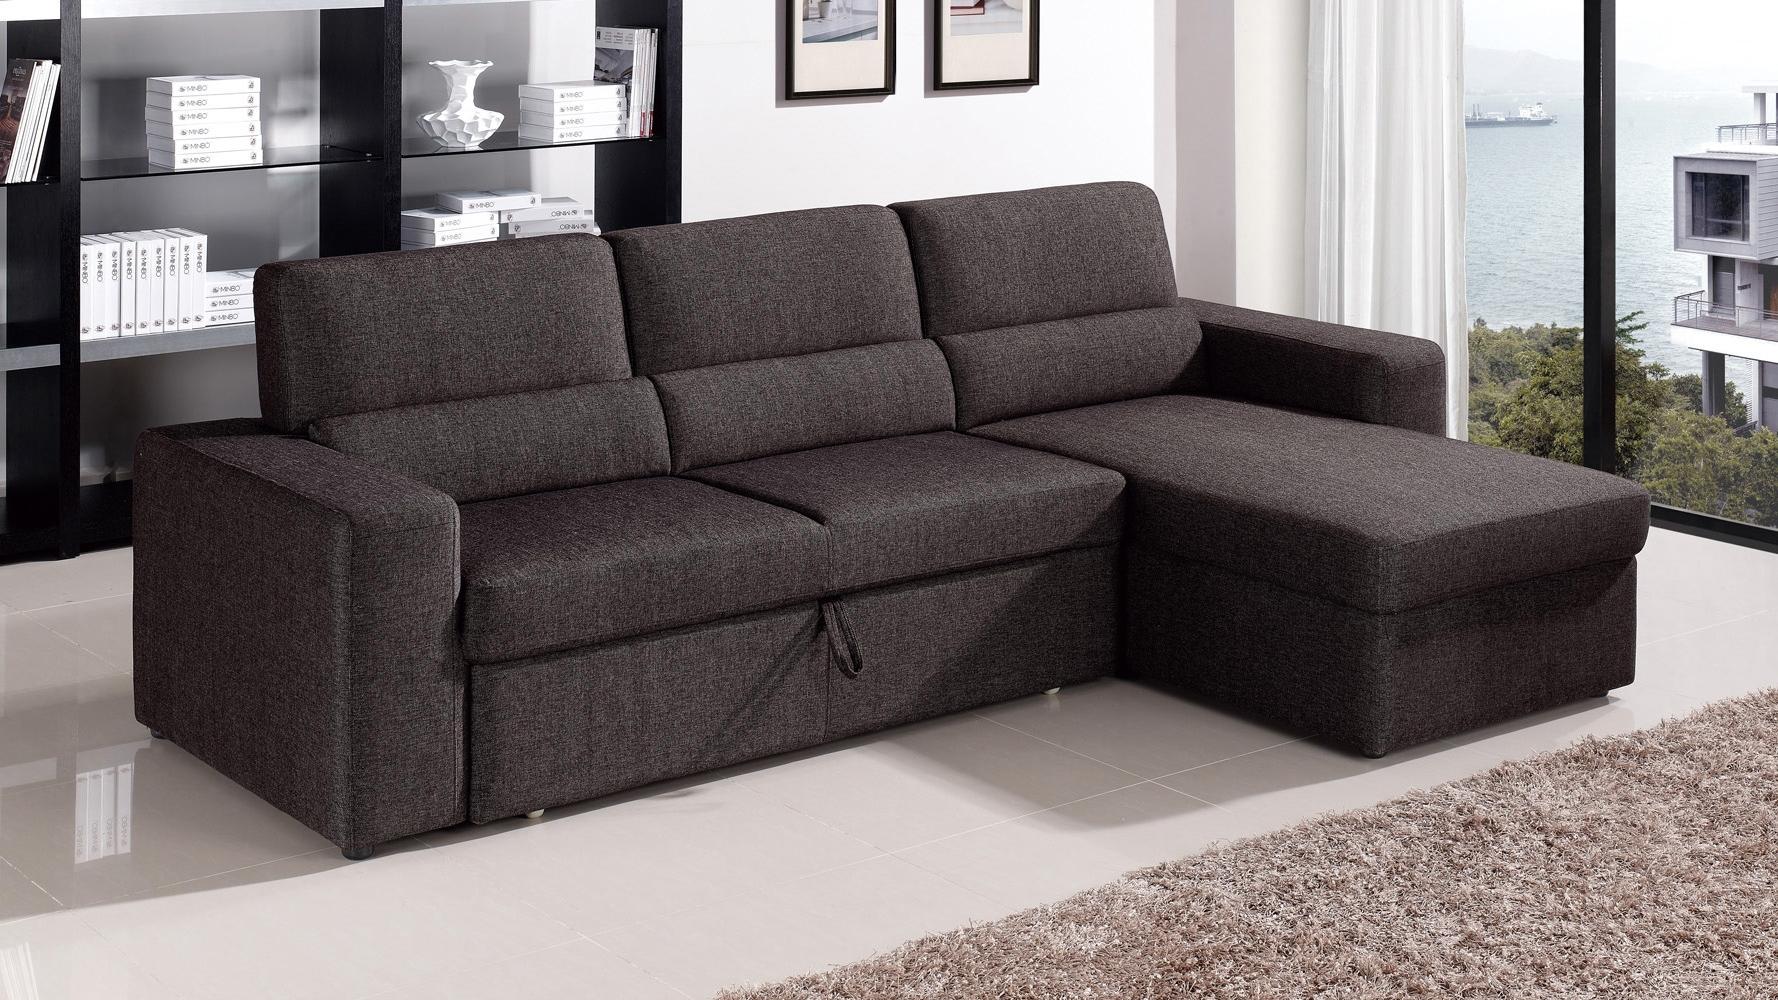 Zuri Furniture (View 15 of 15)